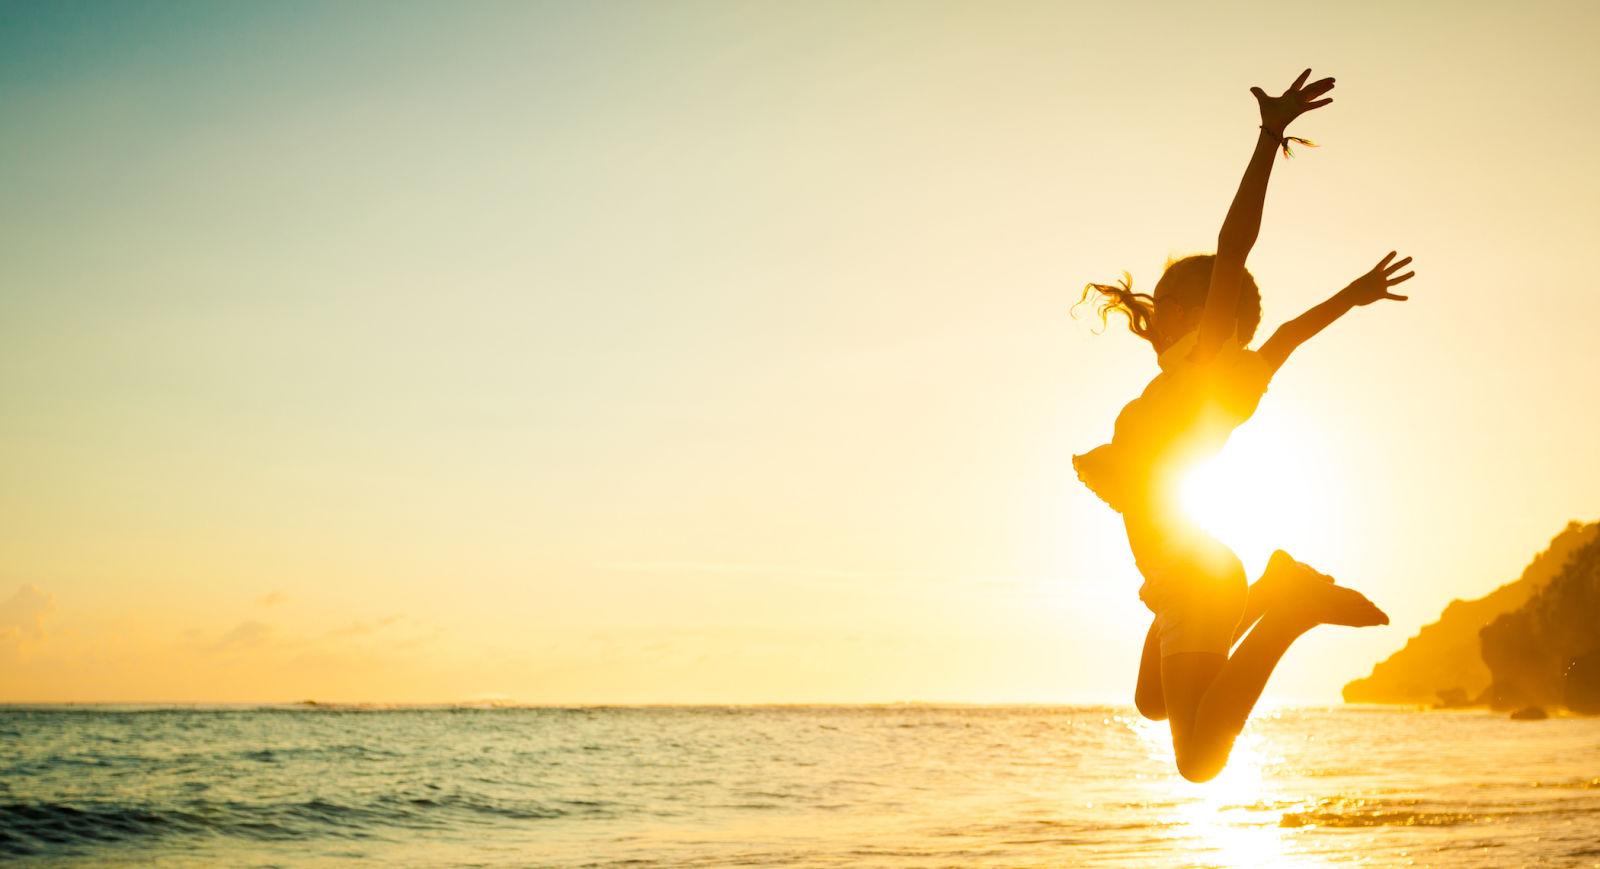 beach, jump, sun